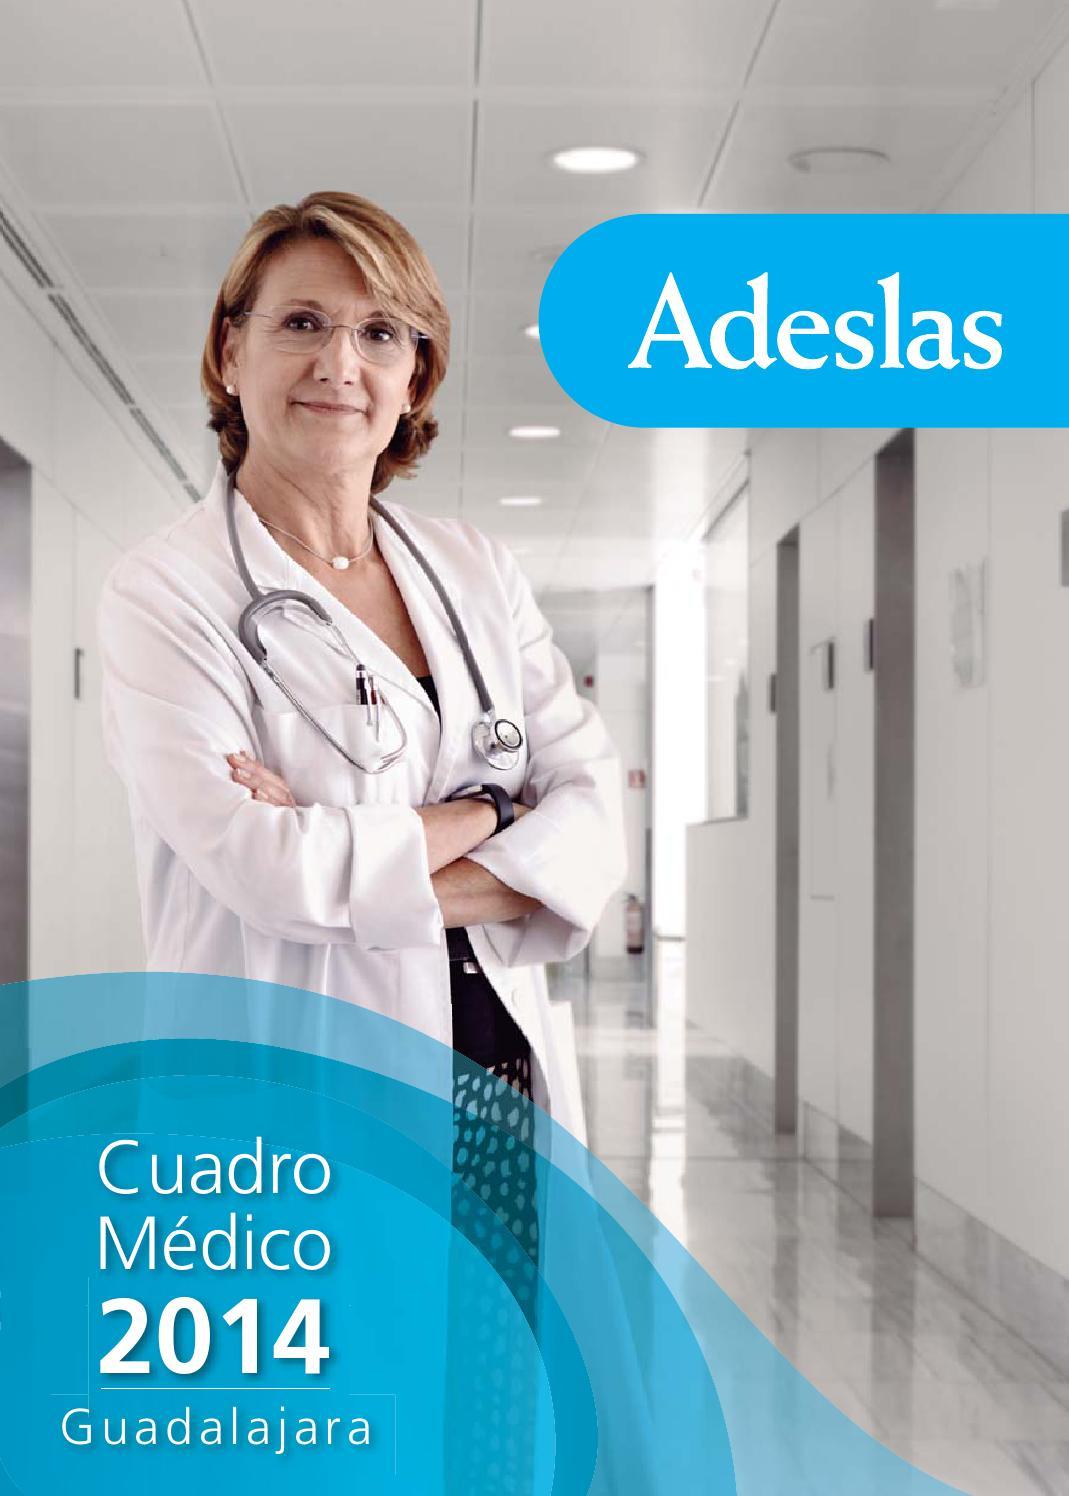 Cuadro Medico Adeslas Guadalajara By Esther Lopez Issuu